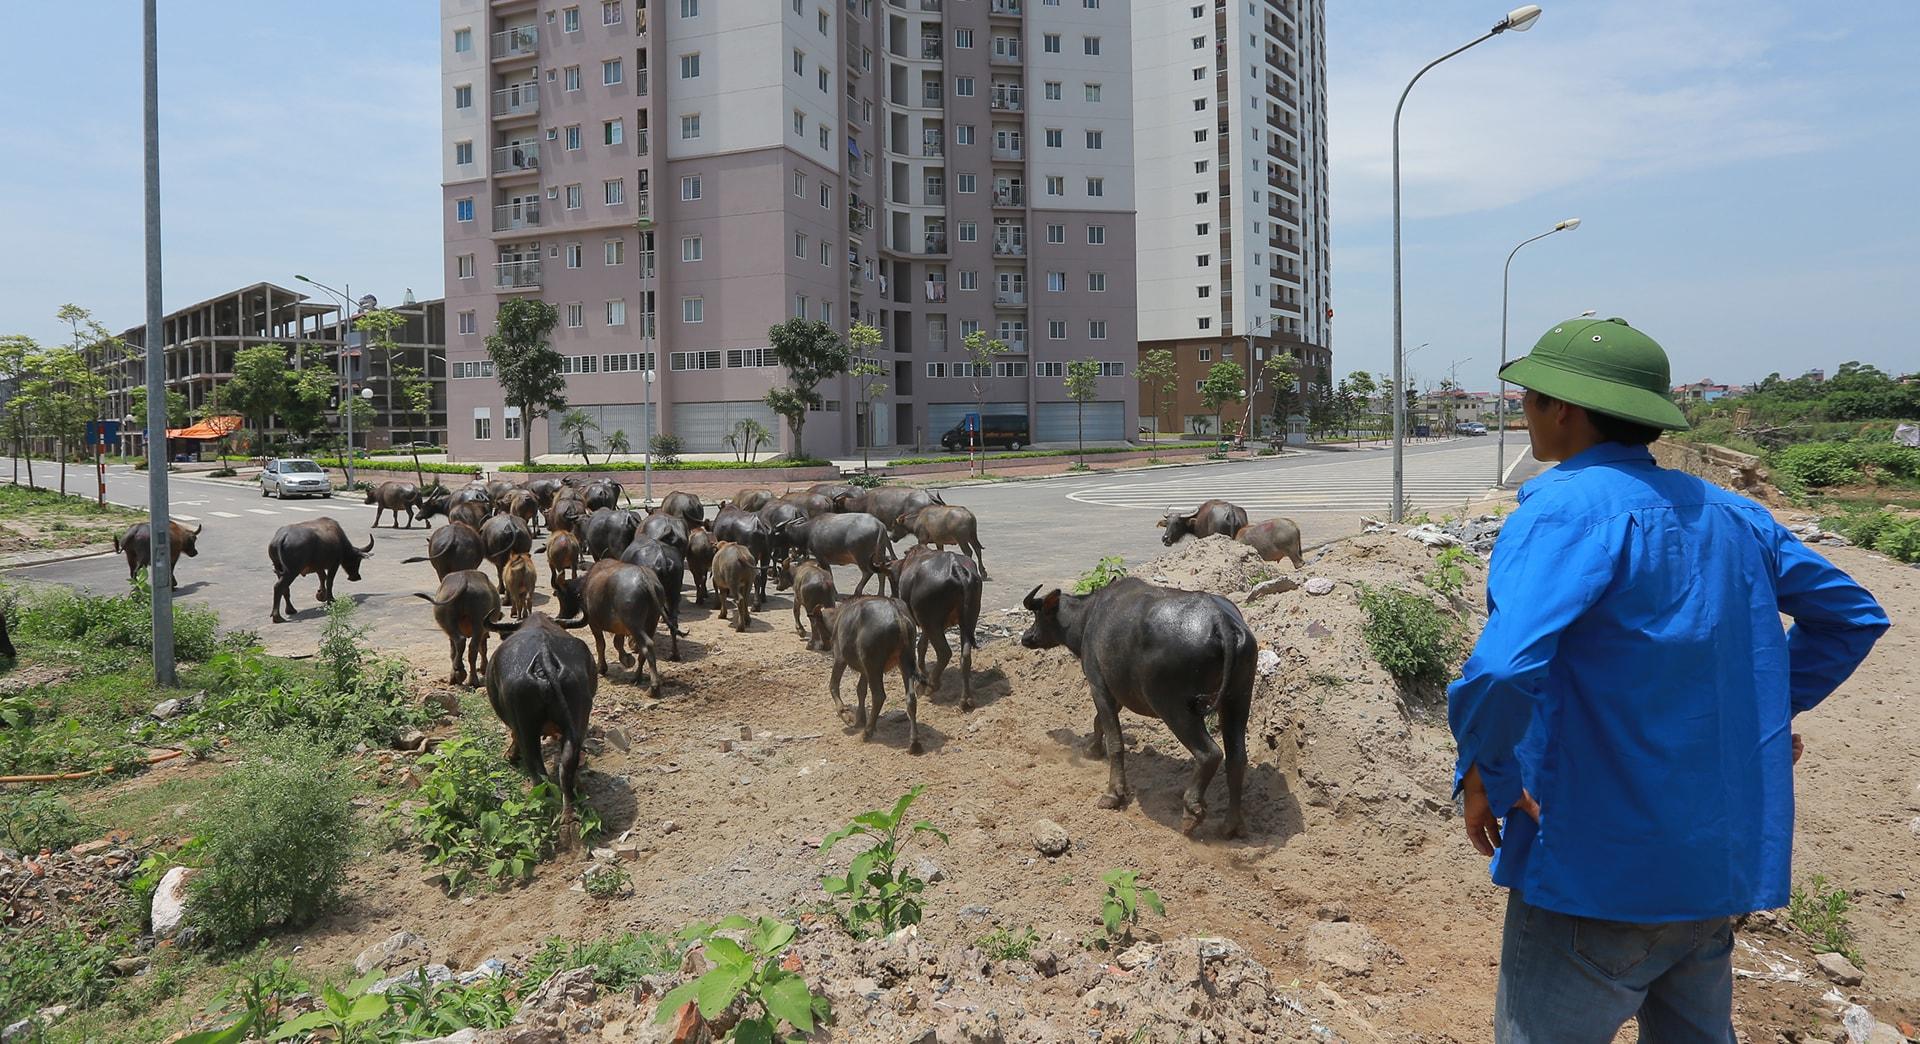 Khung cảnh của những quy hoạch dở dang tại Yên Nghĩa, và đàn trâu của Thiện